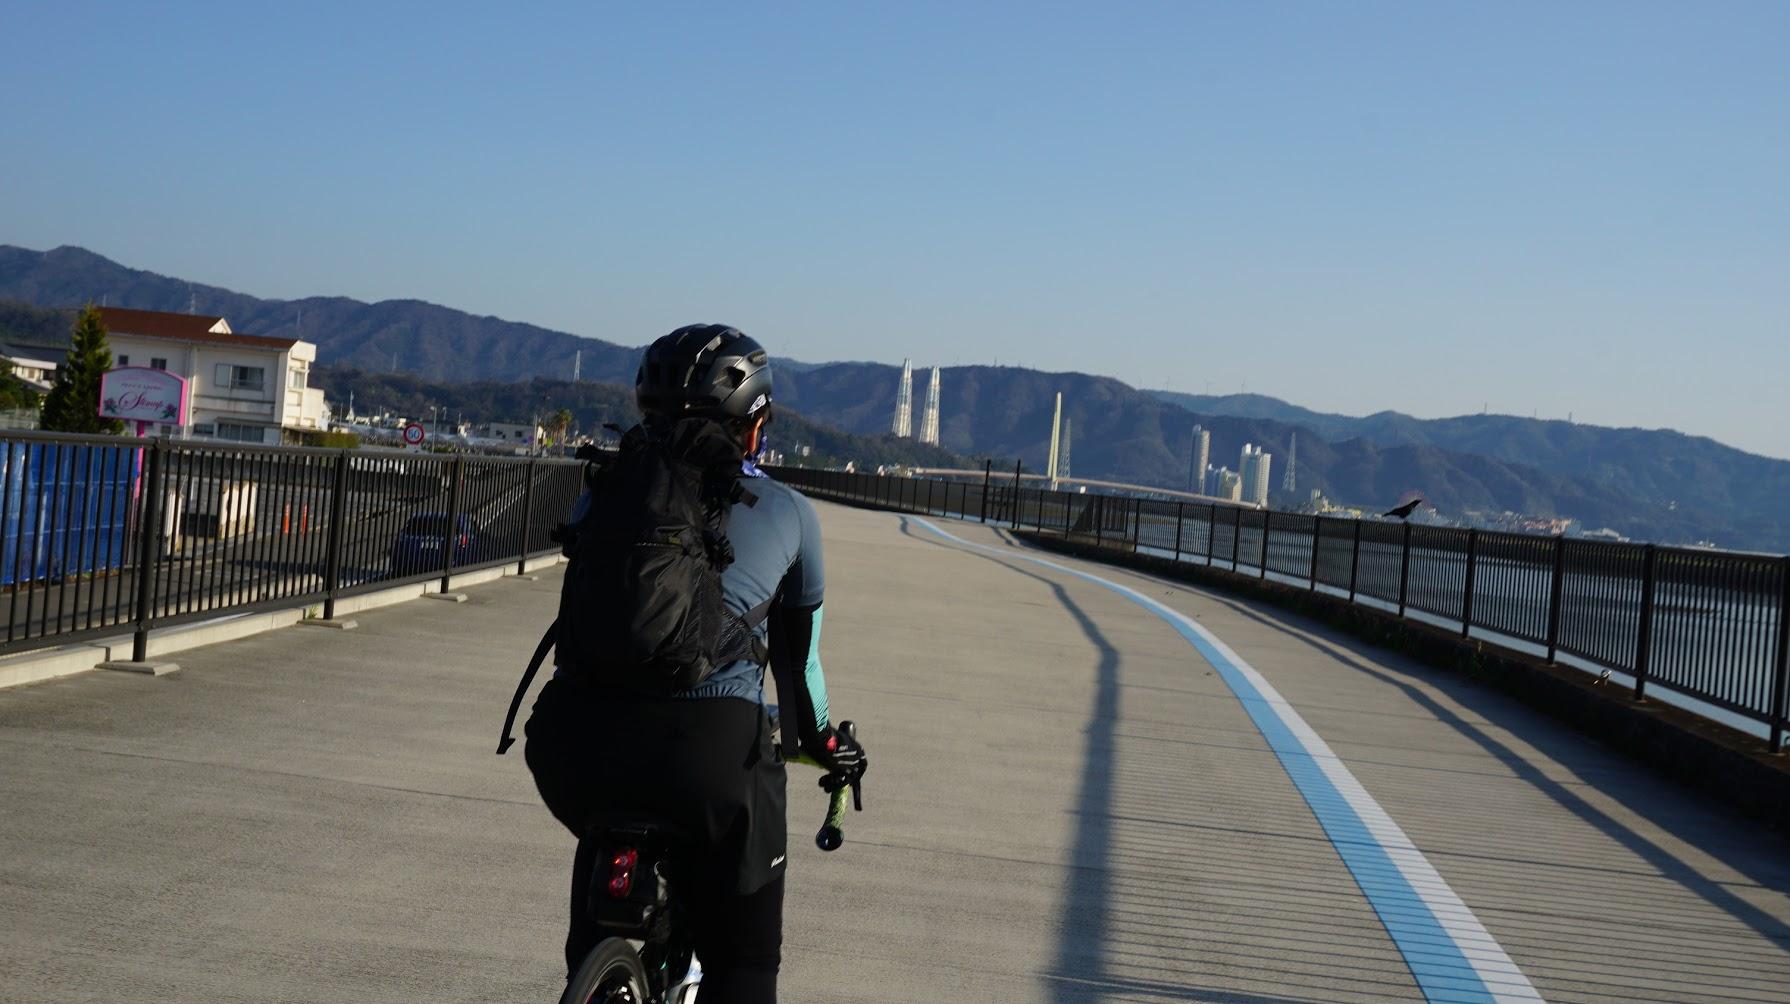 女性が趣味として自転車にハマらない理由を考えてみたら女性人口を増やすヒントが見えてきた。〜それでも一緒にサイクリングがしたい人へ〜